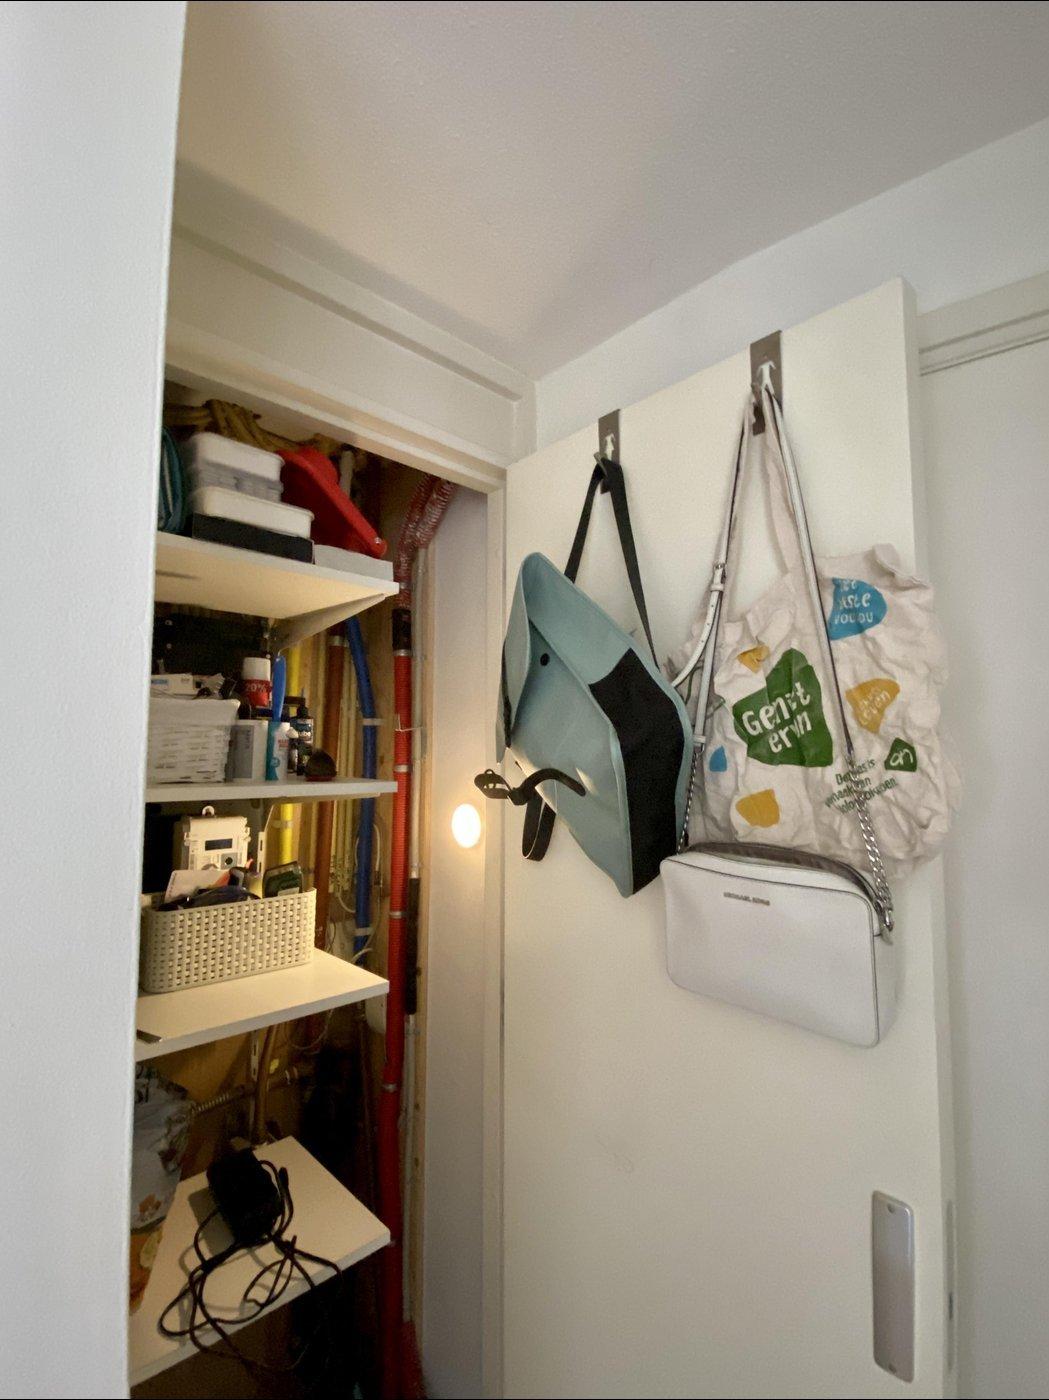 Технический шкафчик и место хранения сумок